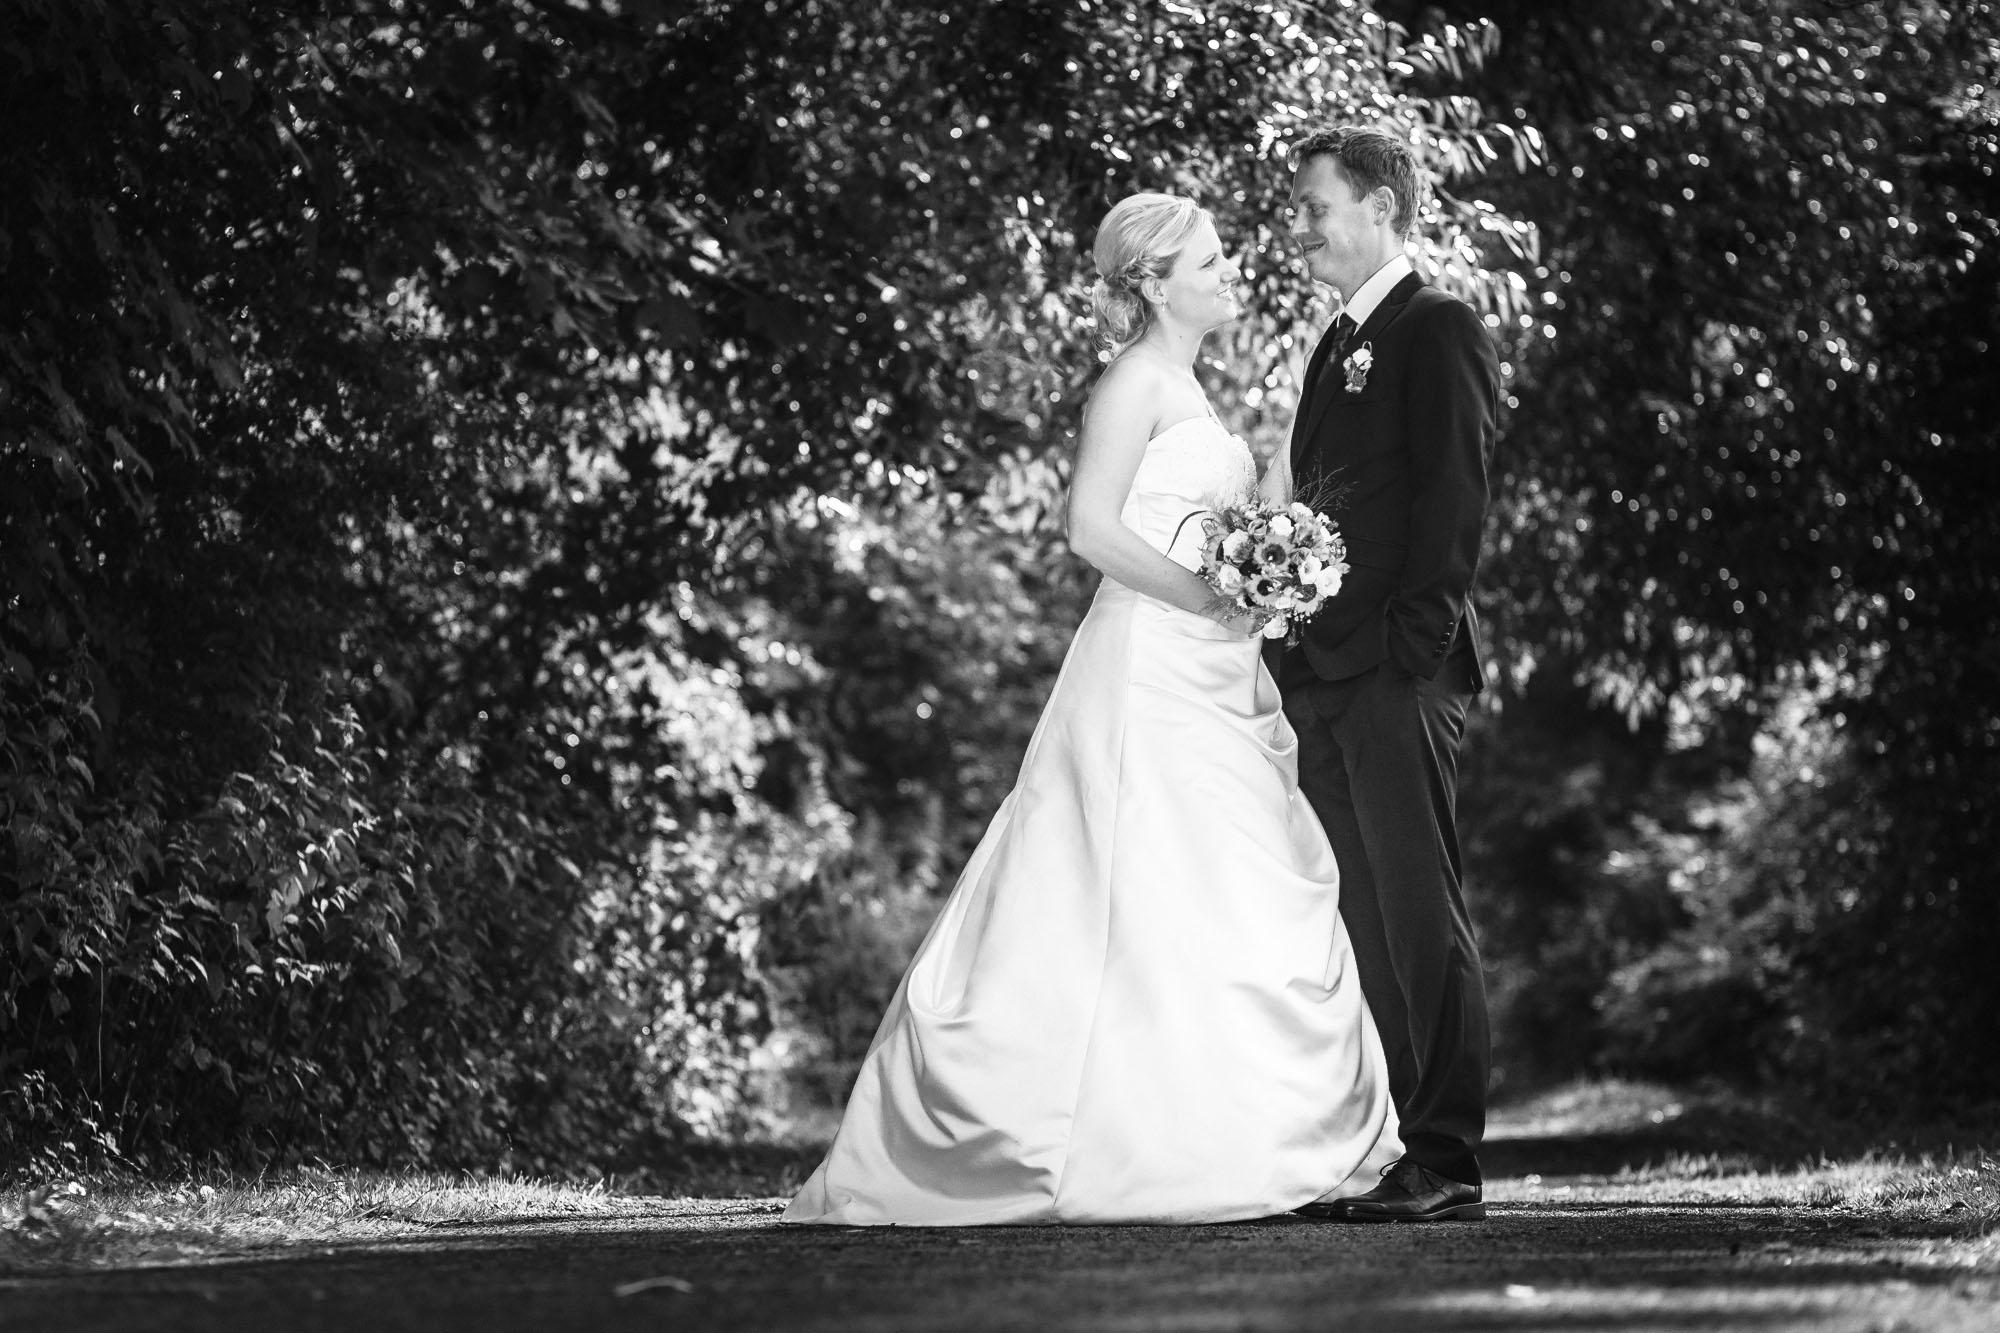 Fotos-Fotograf-Hochzeit-Hochzeitsfotograf-Hildesheim-Hannover-Wolfsburg-Braunschweig-Salzgitter-PS-SD-20160729-0806_sw